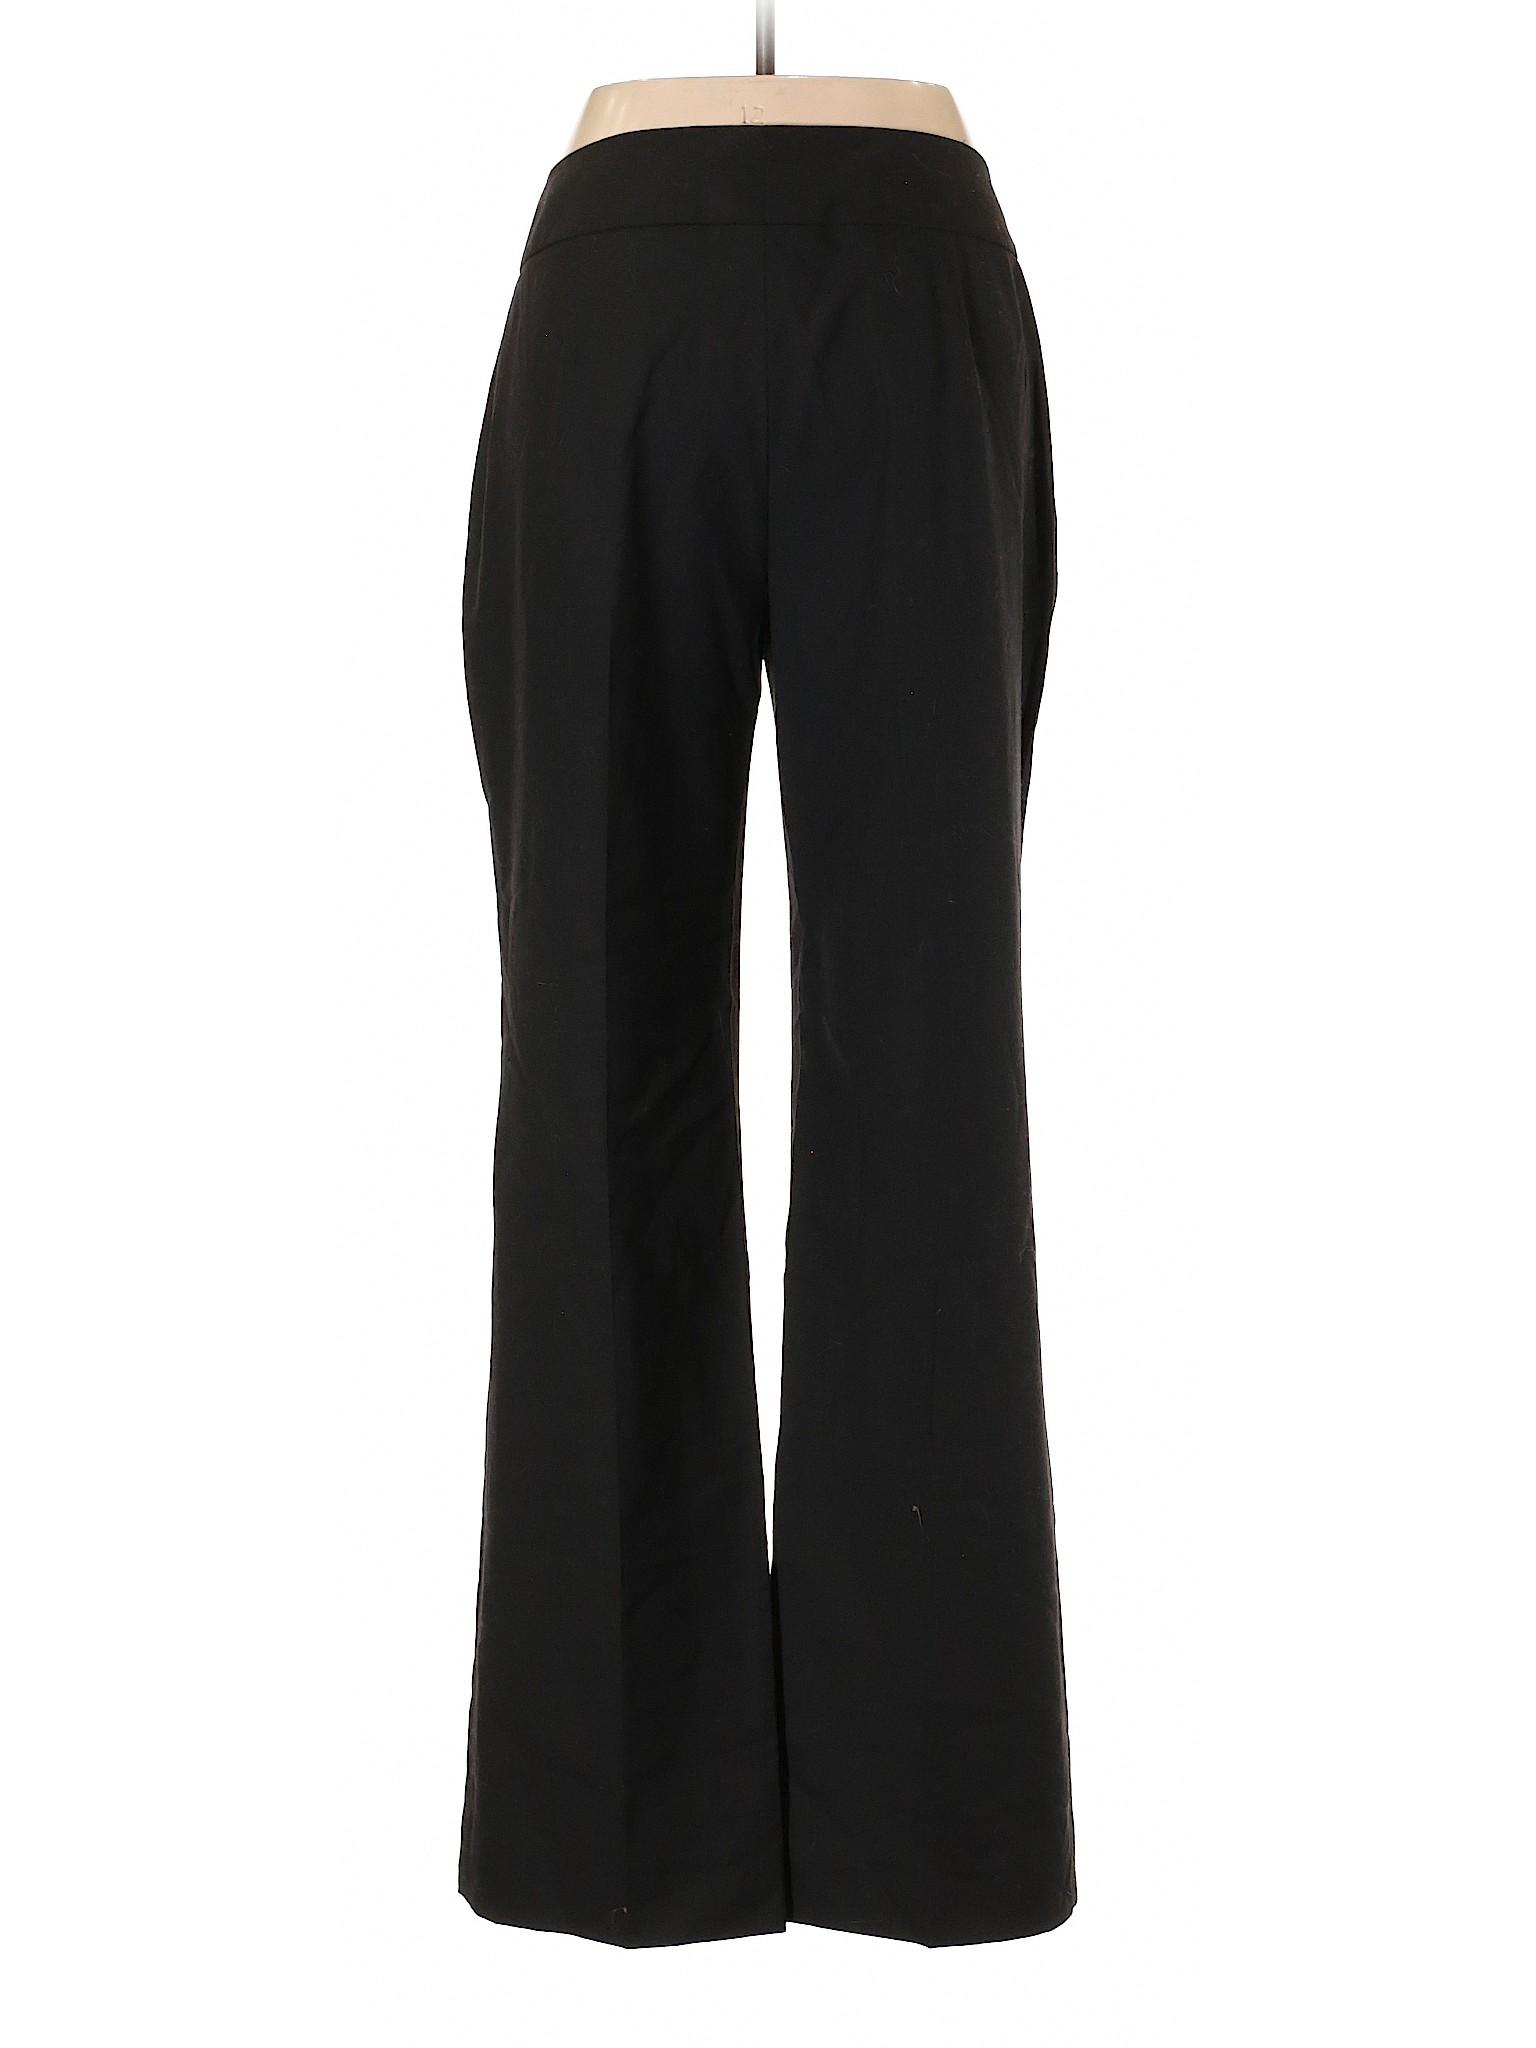 Pants Boutique Cintas Boutique Cintas Dress OIqTSWx